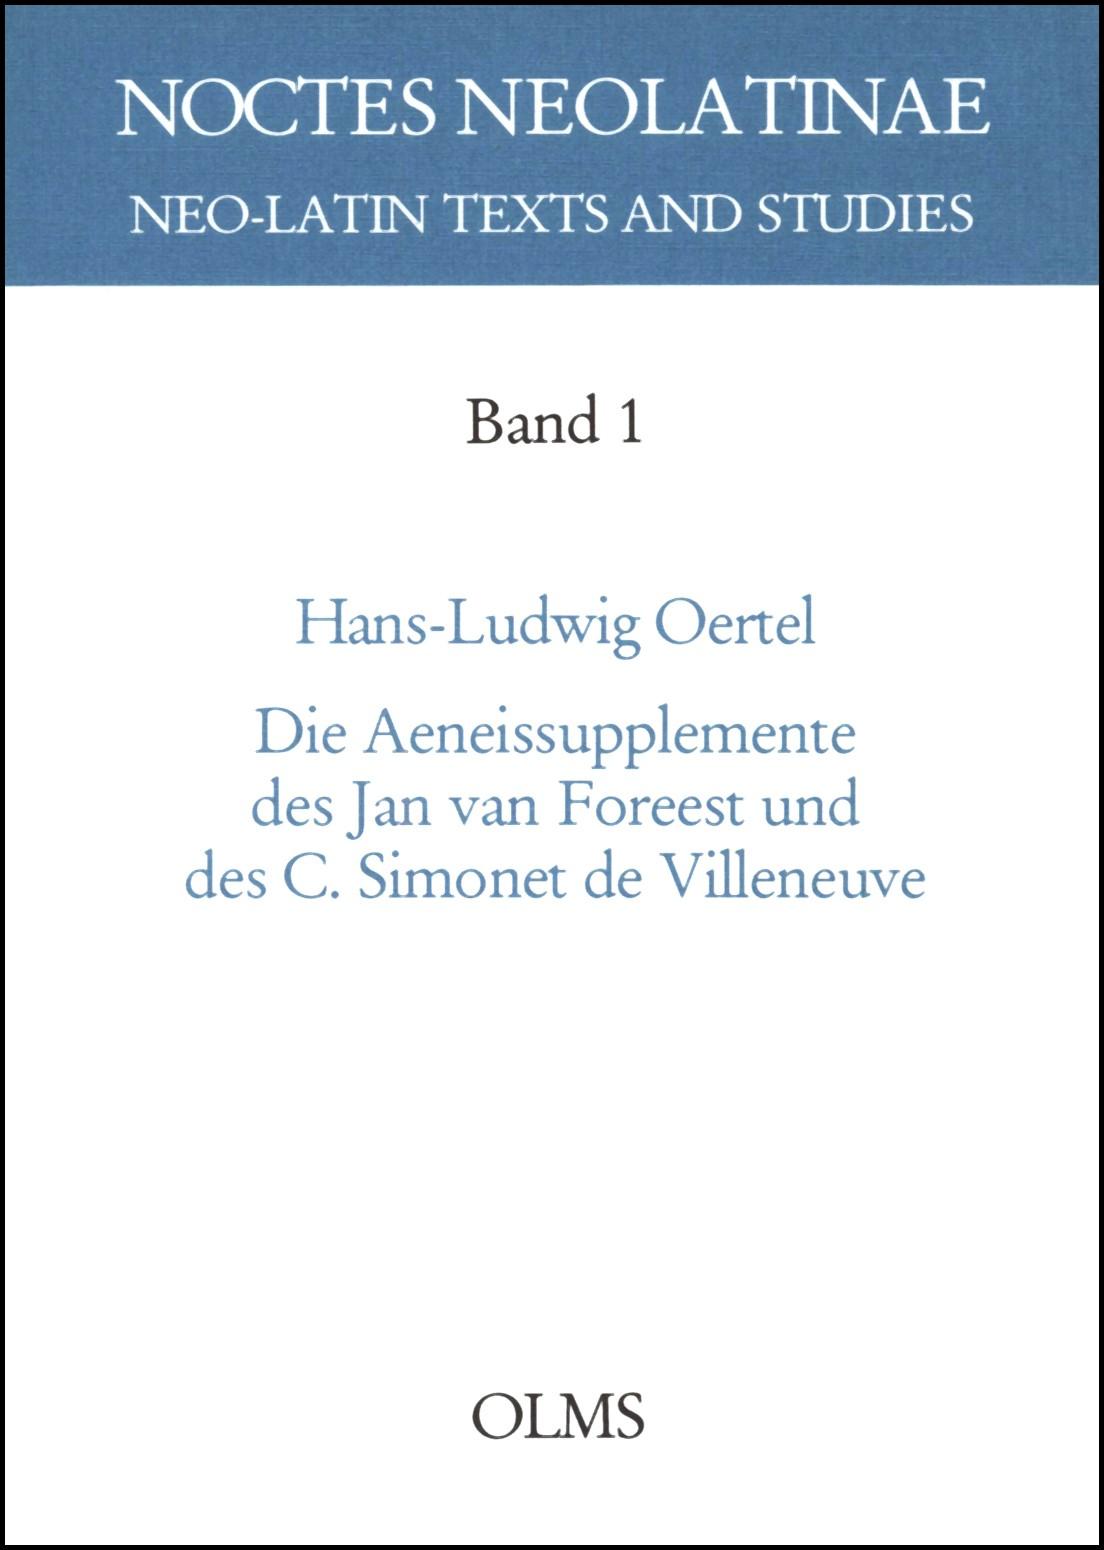 Die Aeneissupplemente des Jan van Foreest und des C. Simonet de Villeneuve | Oertel, 2001 | Buch (Cover)